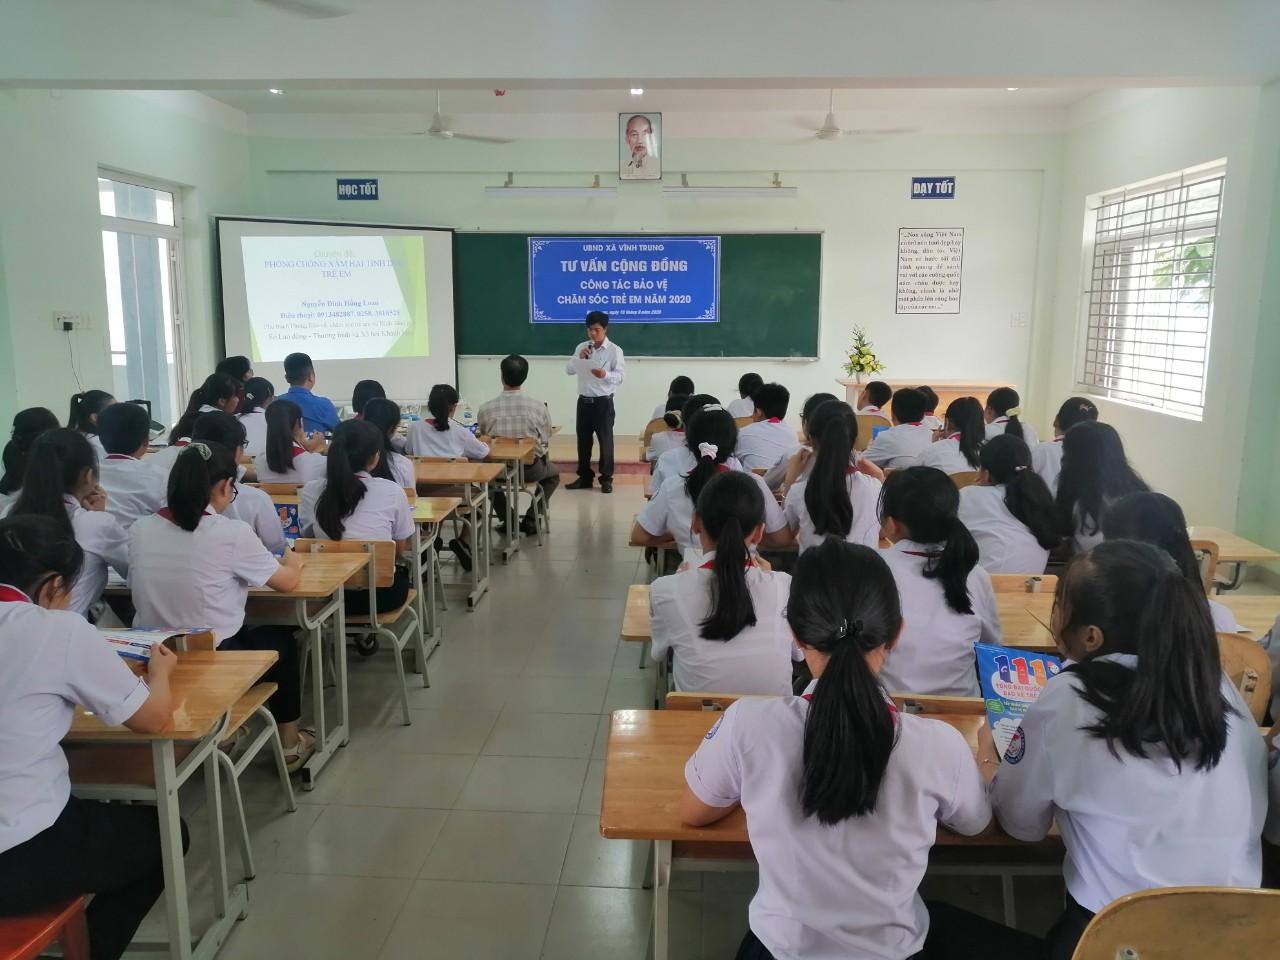 Trường Trung Học cơ sở Nguyễn Đình Chiểu > Tin chi tiết